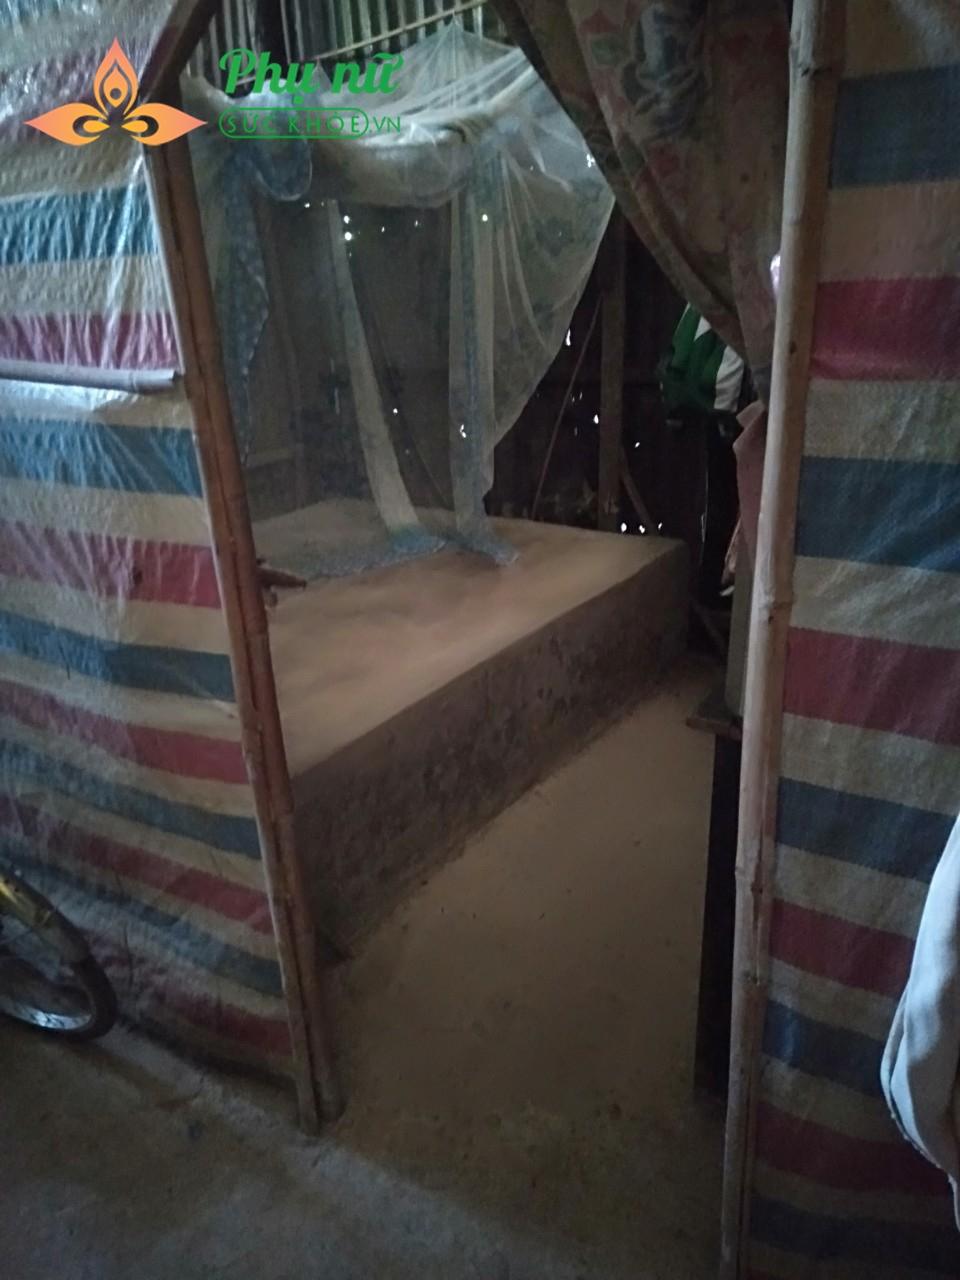 Căn nhà chắp vá từ những tấm bạt và tôn thiếc là nơi ăn chốn ở của đại gia đình (Bà, con gái, 3 cháu nhỏ)